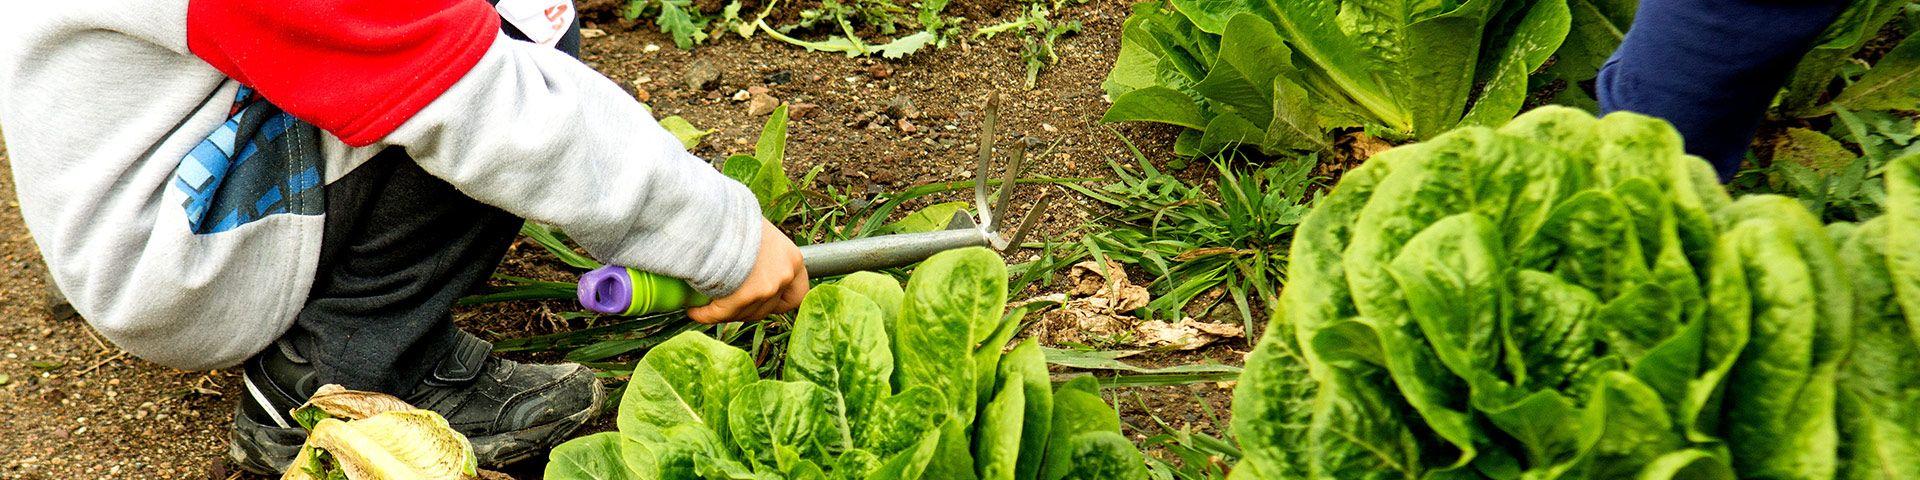 Λαχανόκηπος  - Εικόνα